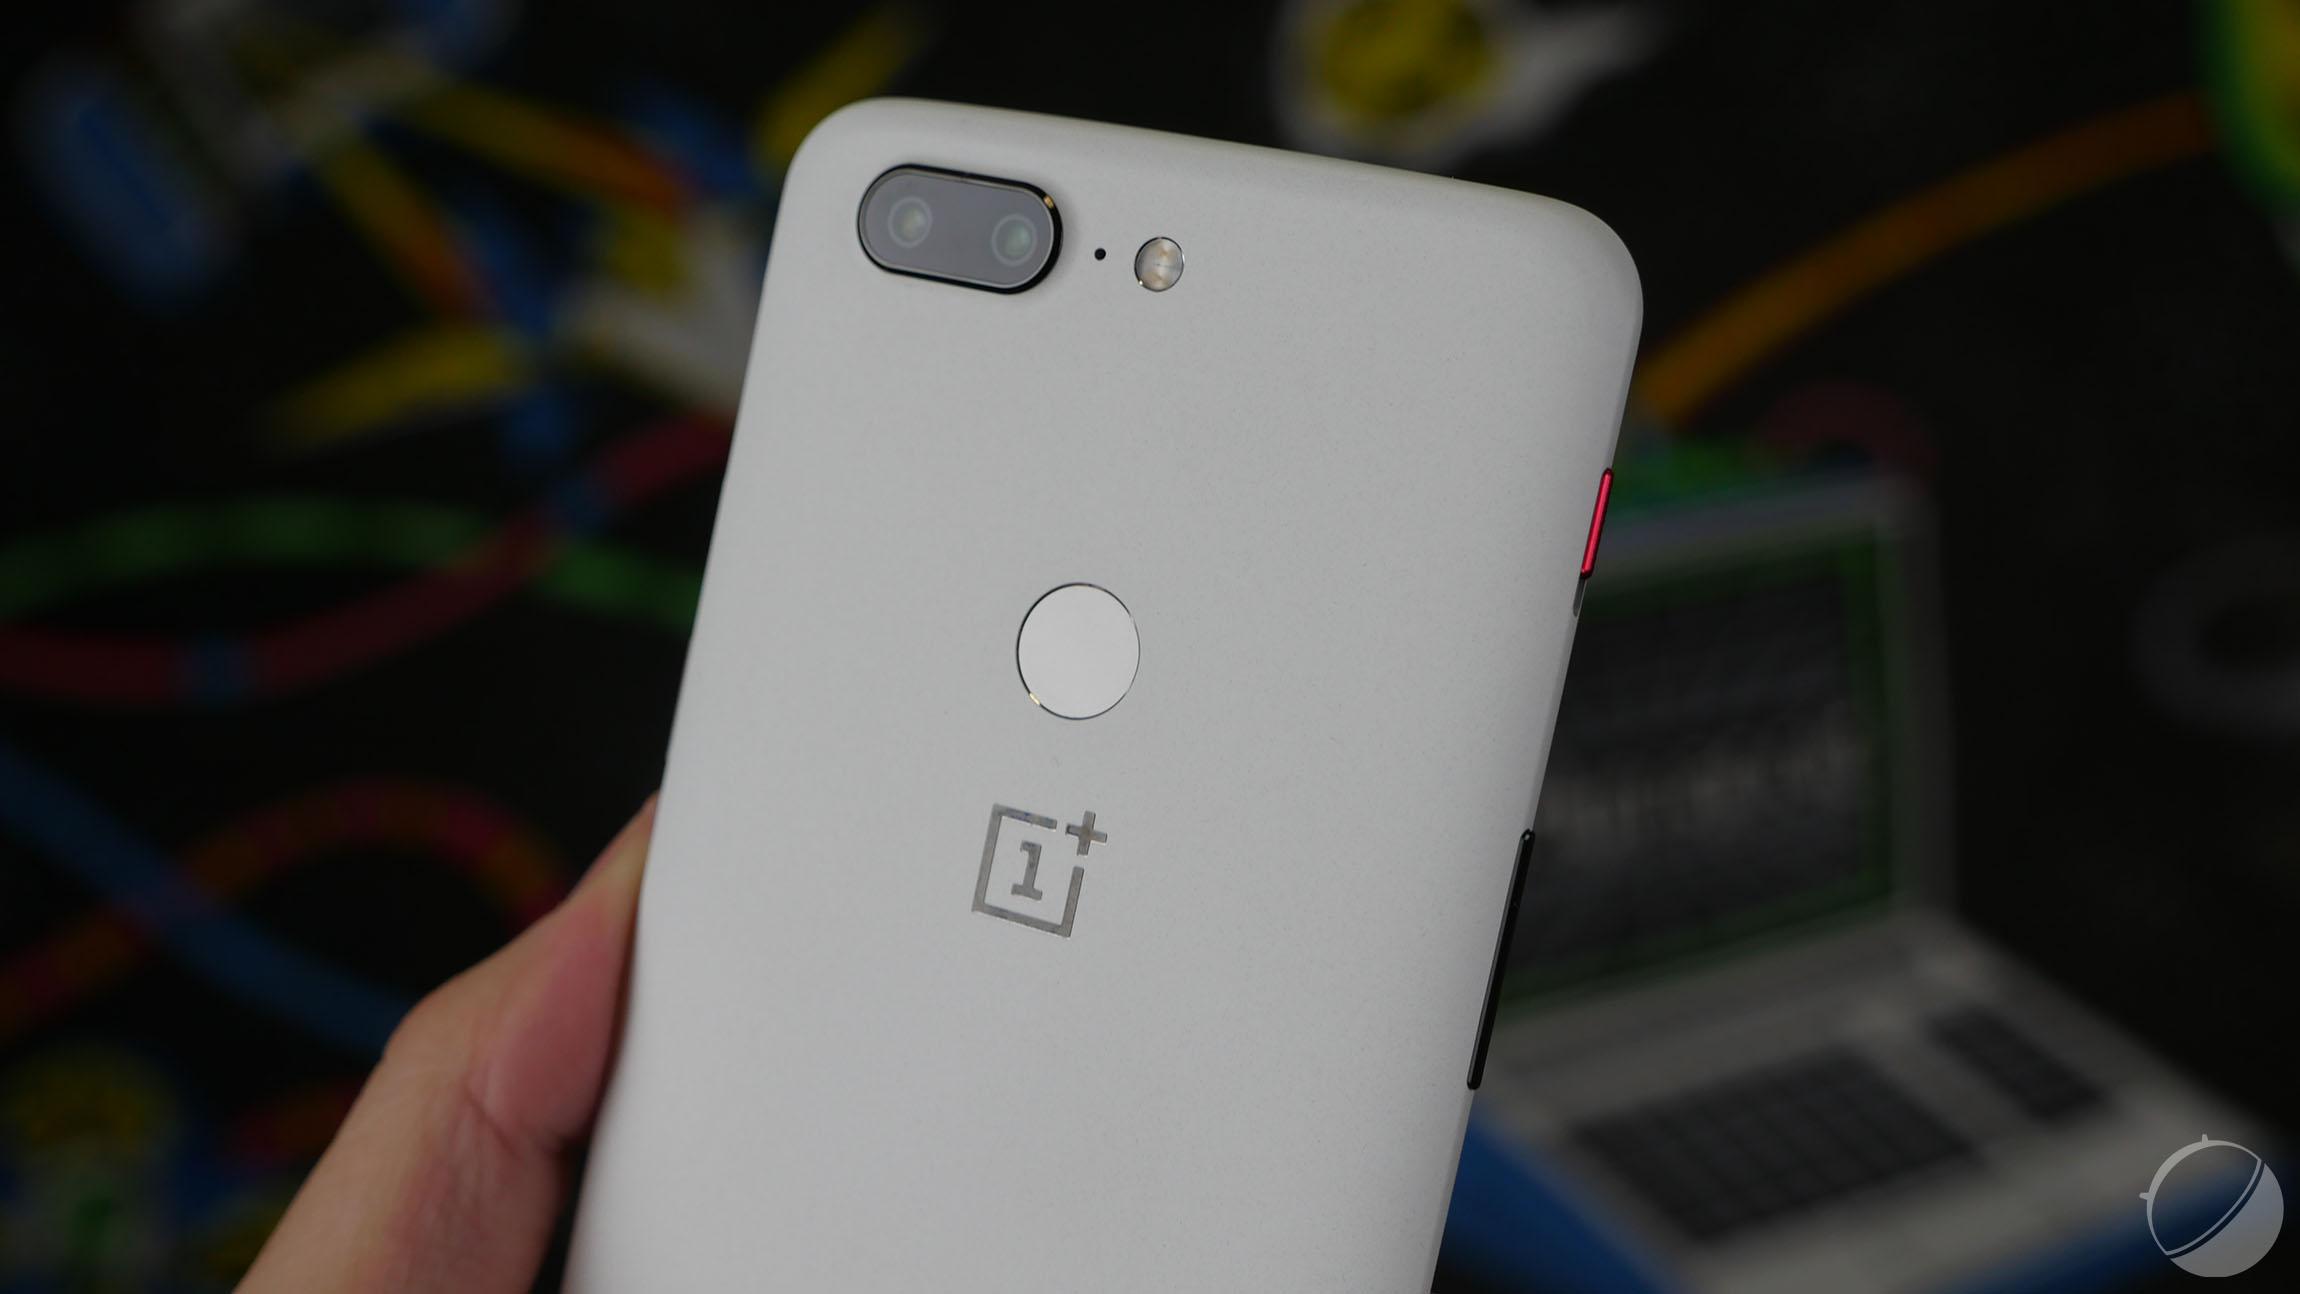 Les OnePlus 5 et 5Treçoivent Android 8.1 Oreo et de nouvelles fonctionnalités